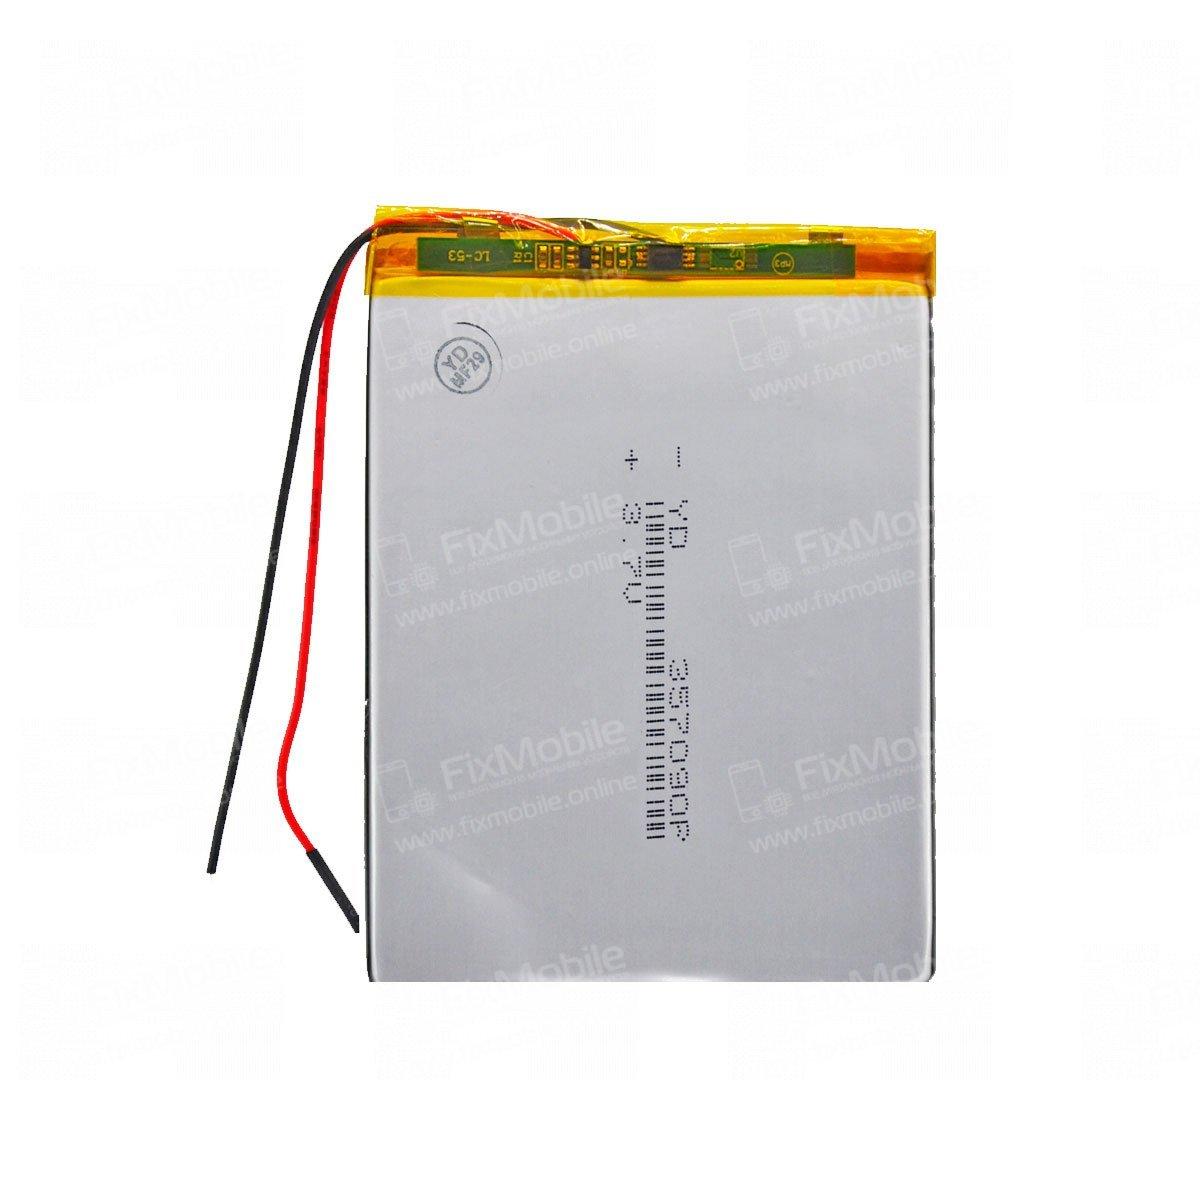 Аккумуляторная батарея универсальная 357090p 3,7v 2500 mAh 3.5*70*90 мм